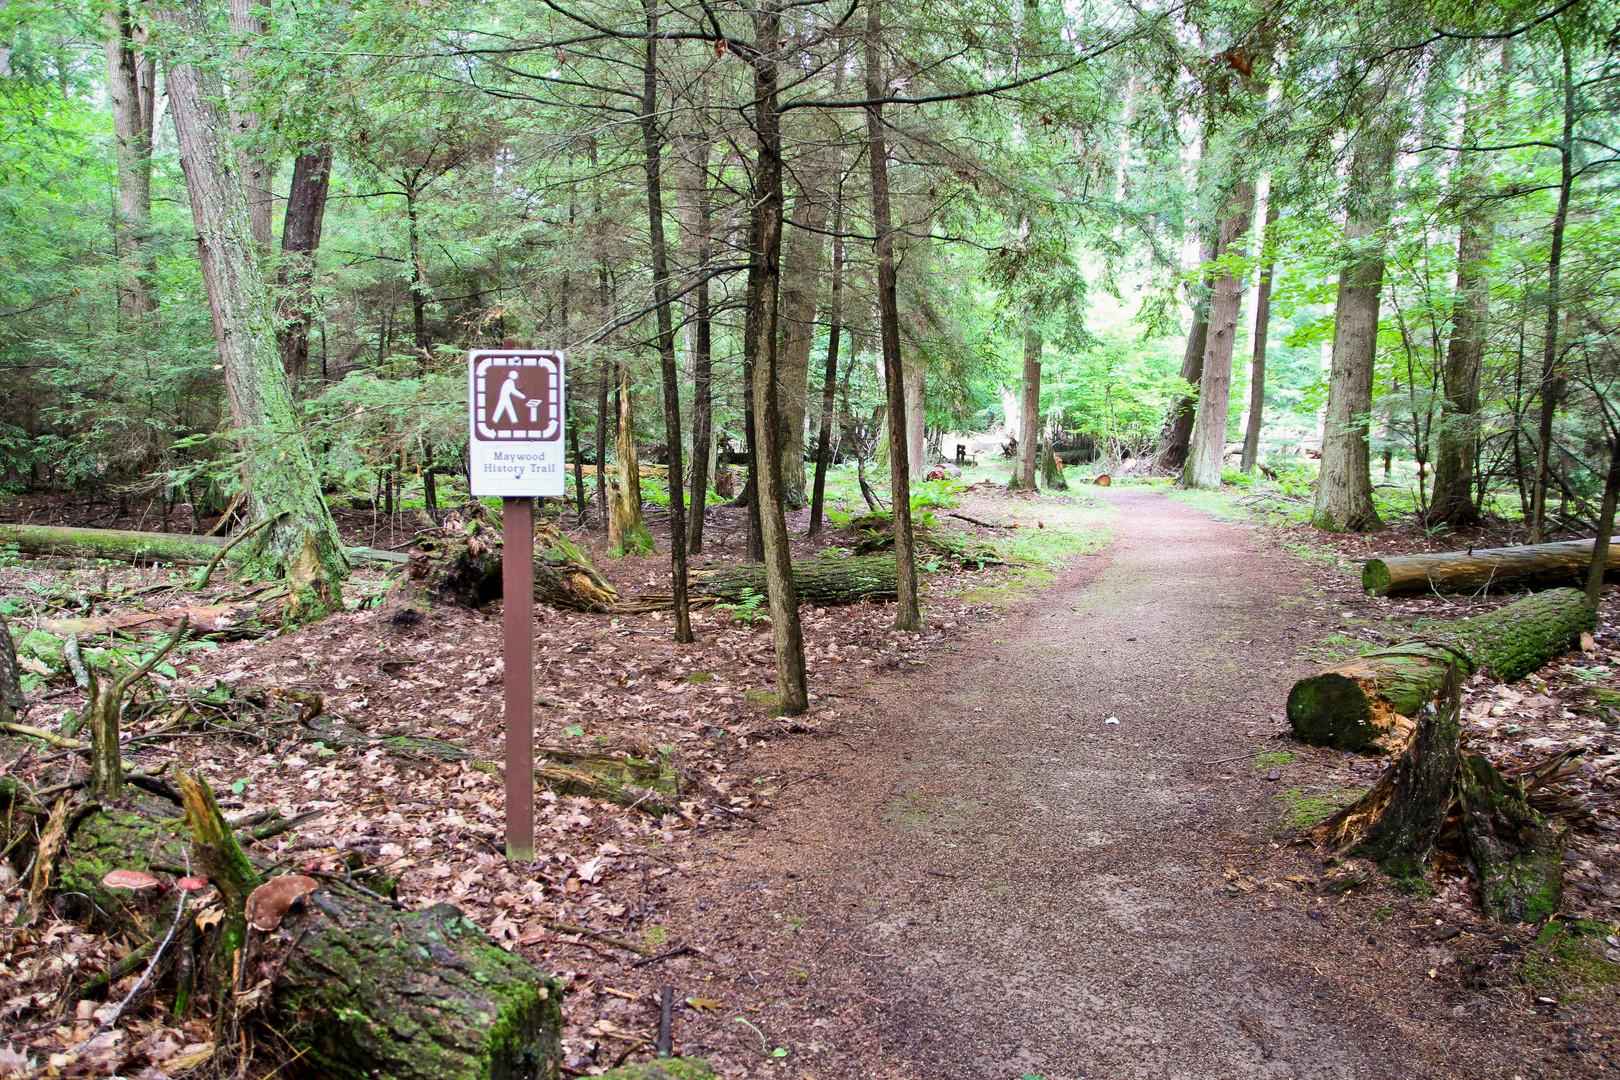 Maywood History Trail